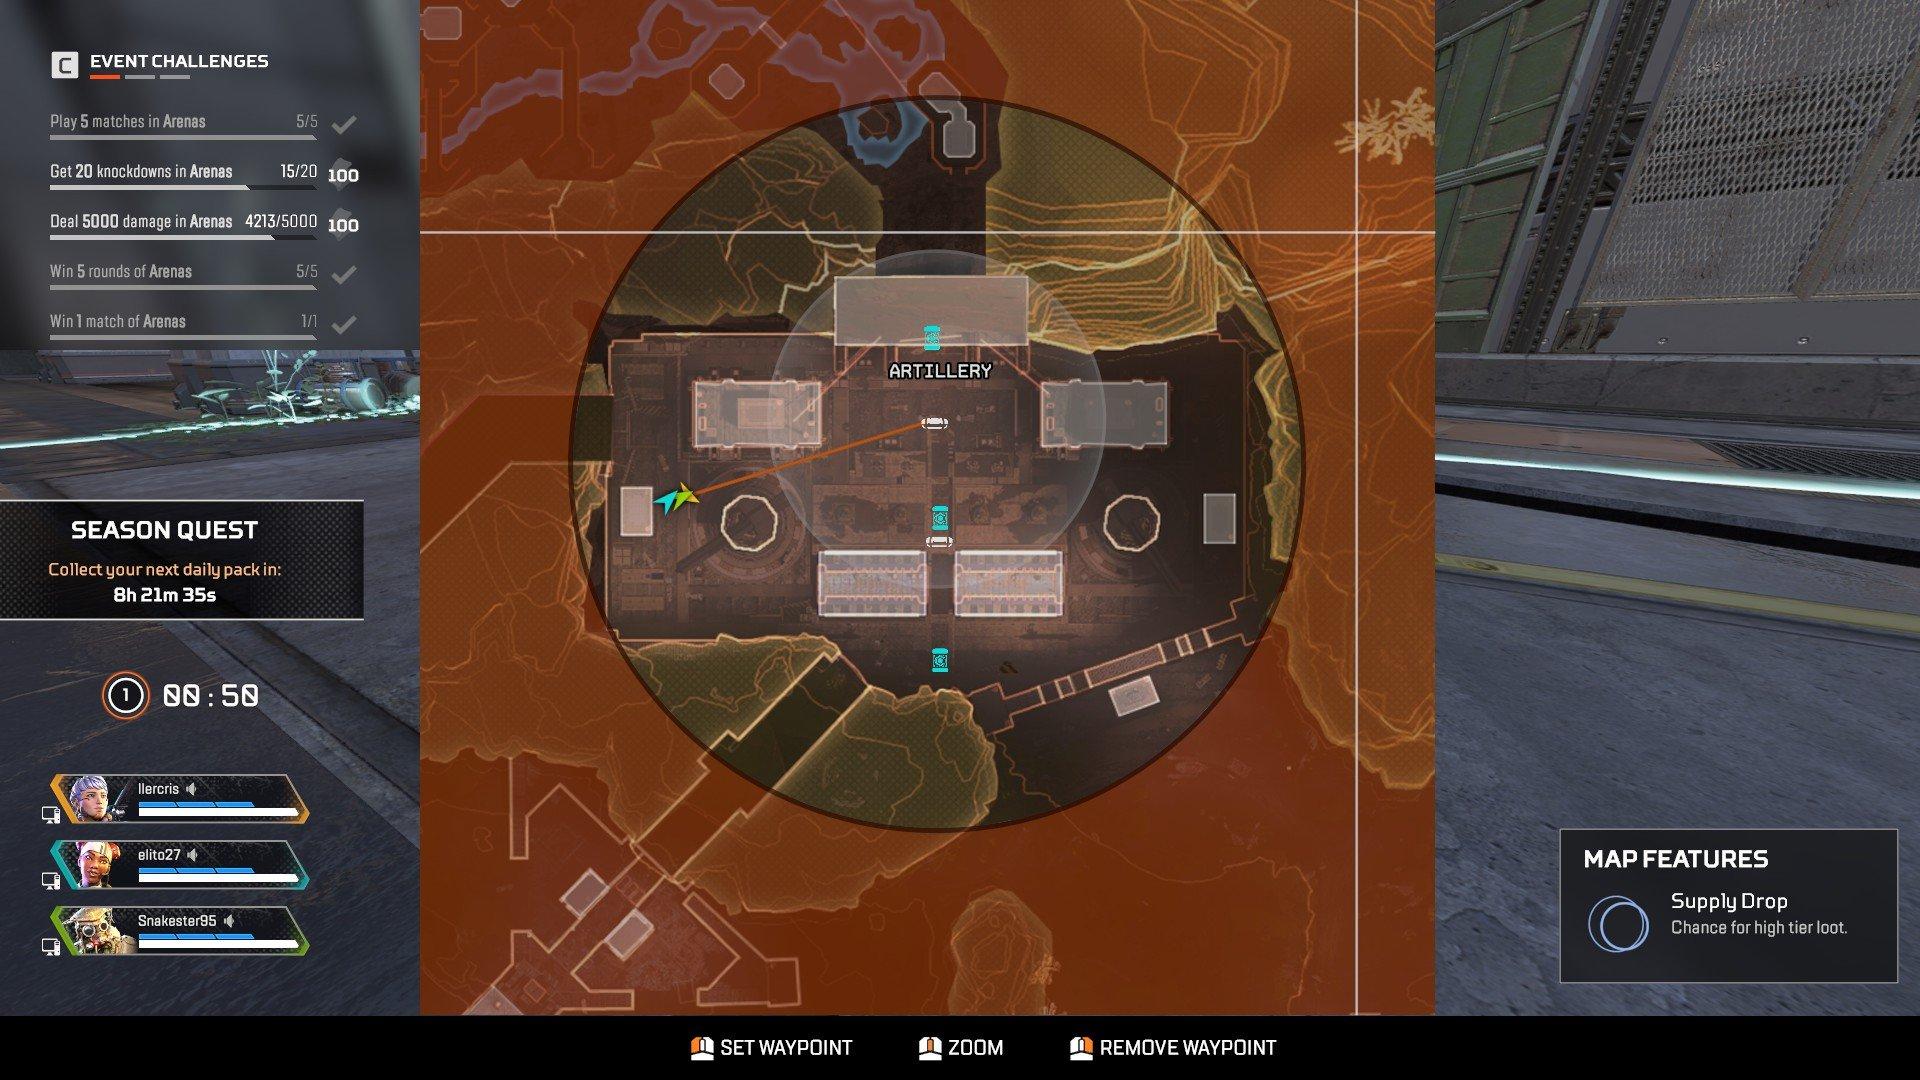 Apex Legends - Artillery Map Tips